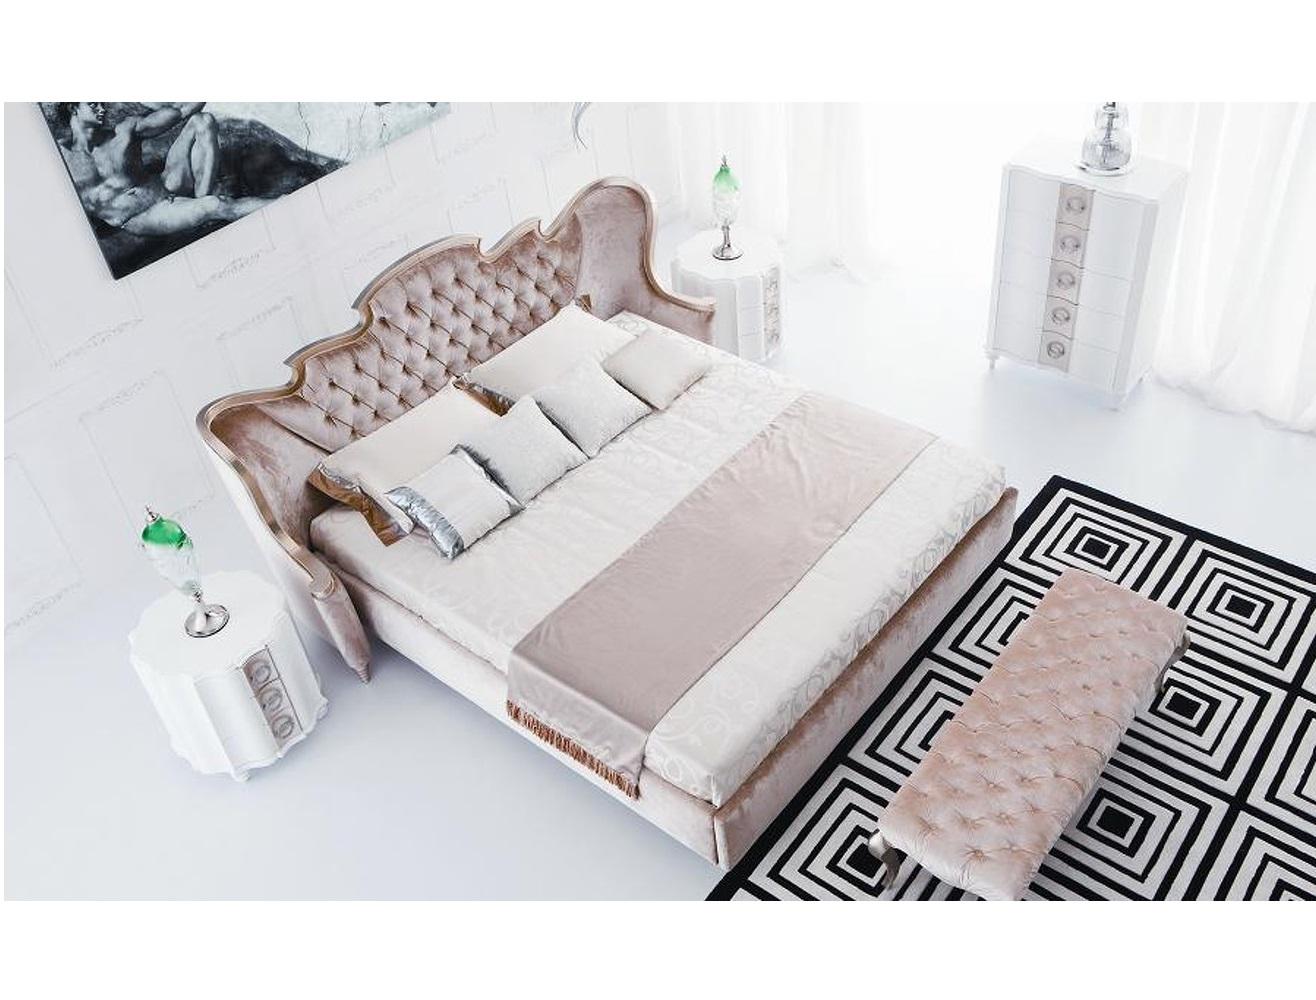 Кровать с решеткой RiminiКровати с мягким изголовьем<br>Кровать на низких конусообразных ножках выполнена в стиле Ар деко. Фигурное изголовье с загнутыми боковинками обито велюром и декорировано стежкой капитоне. Сделана из высококачественного МДФ высокой плотности и массива дерева, рама изголовья выполнена из полимерной смолы.&amp;lt;div&amp;gt;&amp;lt;br&amp;gt;&amp;lt;div&amp;gt;Размер спального места 200*200 см.&amp;lt;/div&amp;gt;&amp;lt;div&amp;gt;Фото в другой ткани!&amp;amp;nbsp;&amp;lt;br&amp;gt;&amp;lt;/div&amp;gt;&amp;lt;/div&amp;gt;<br><br>Material: Текстиль<br>Ширина см: 257<br>Высота см: 132<br>Глубина см: 230